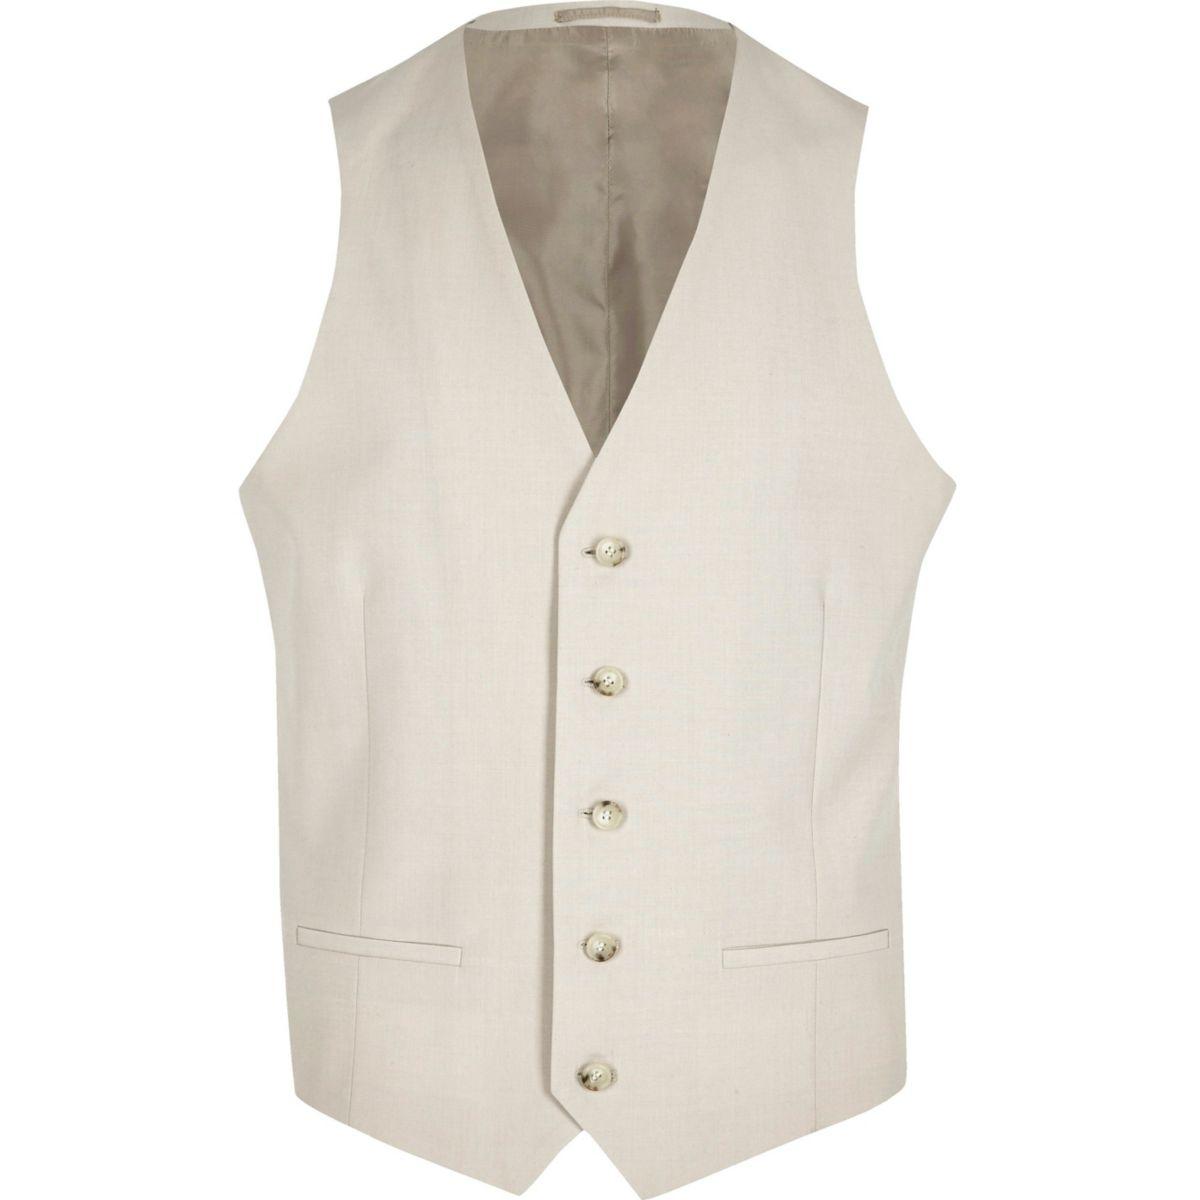 Cream suit vest